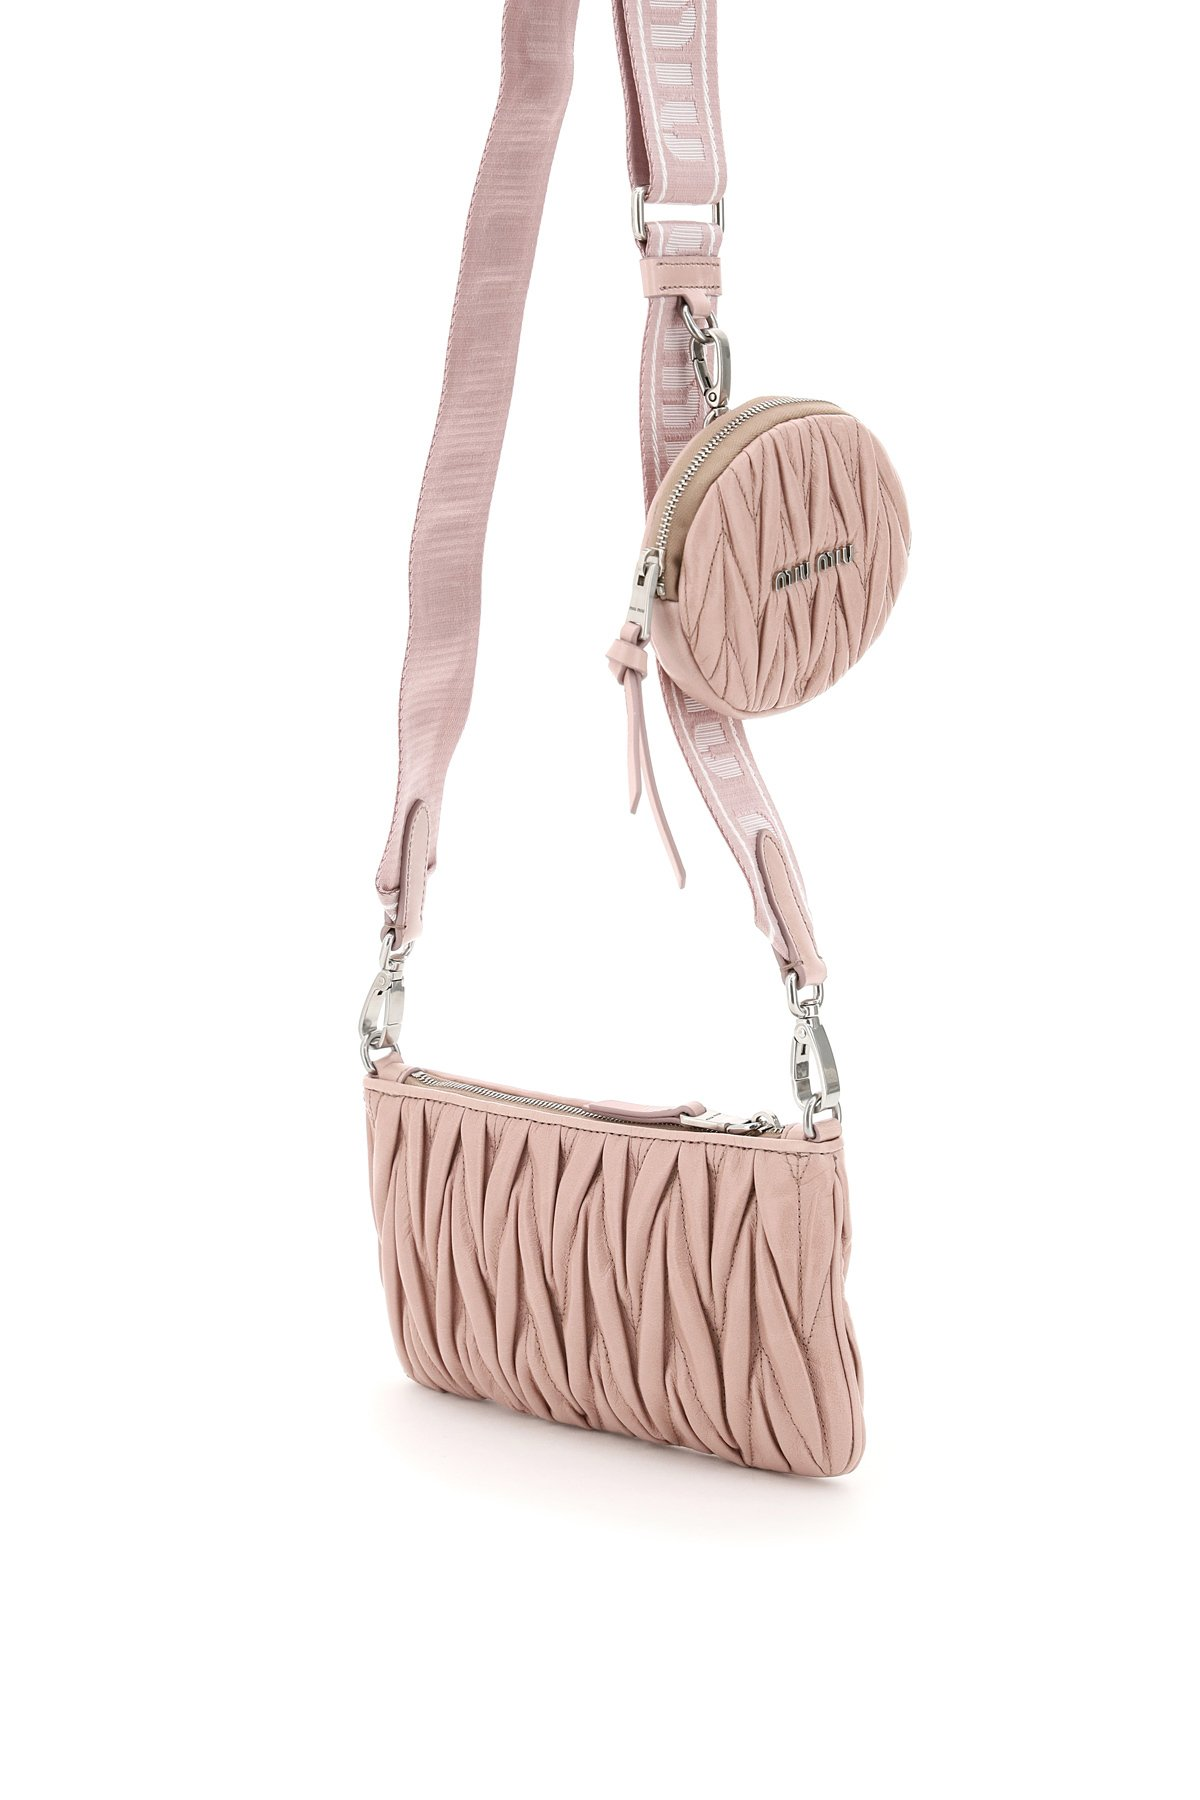 Miu miu mini bag matelasse' tracolla con pouch